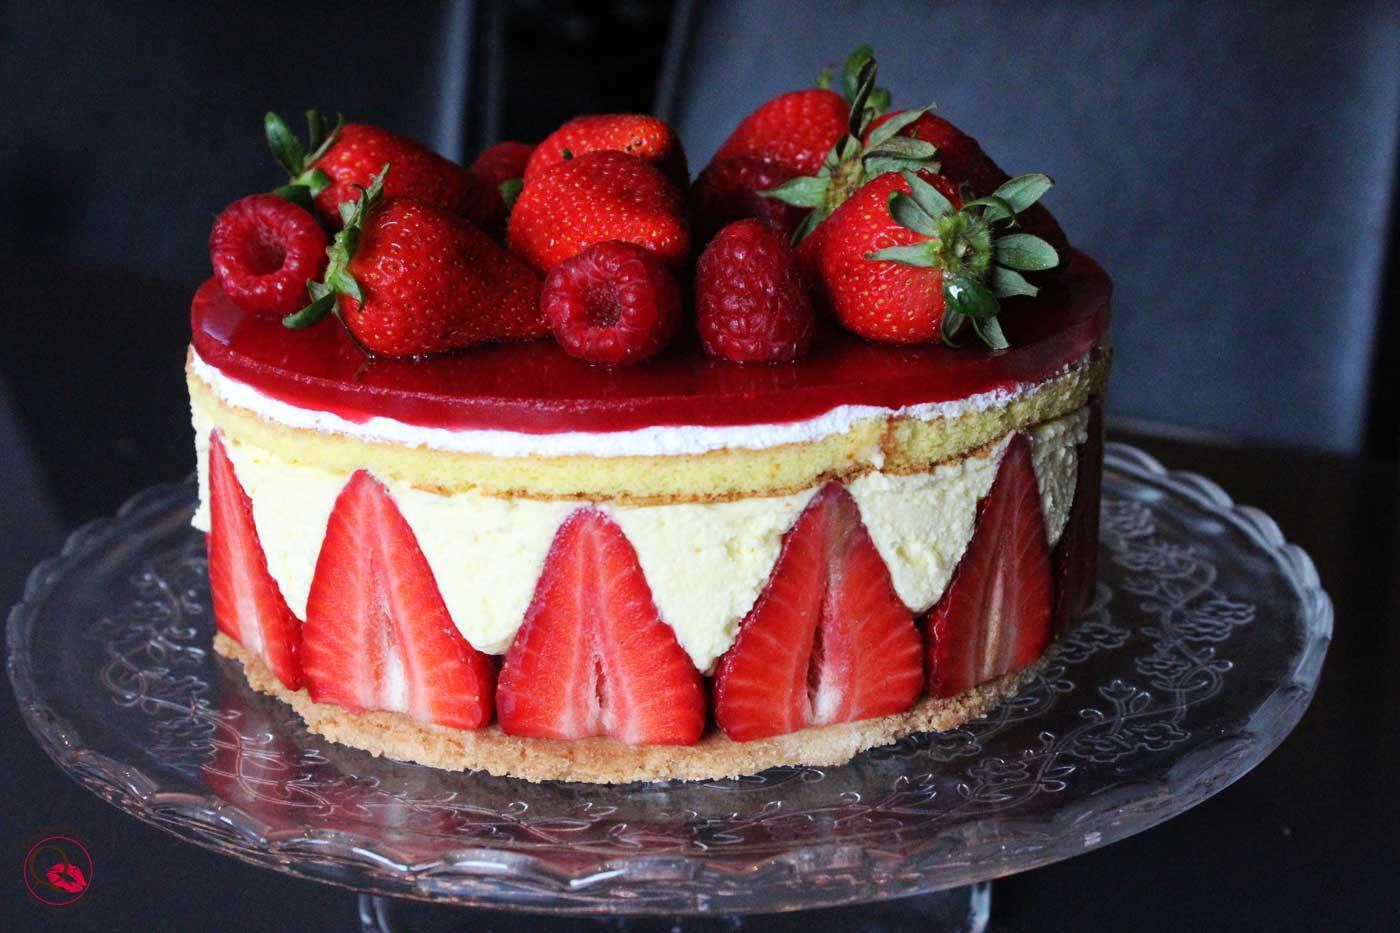 torrta fraisier intera